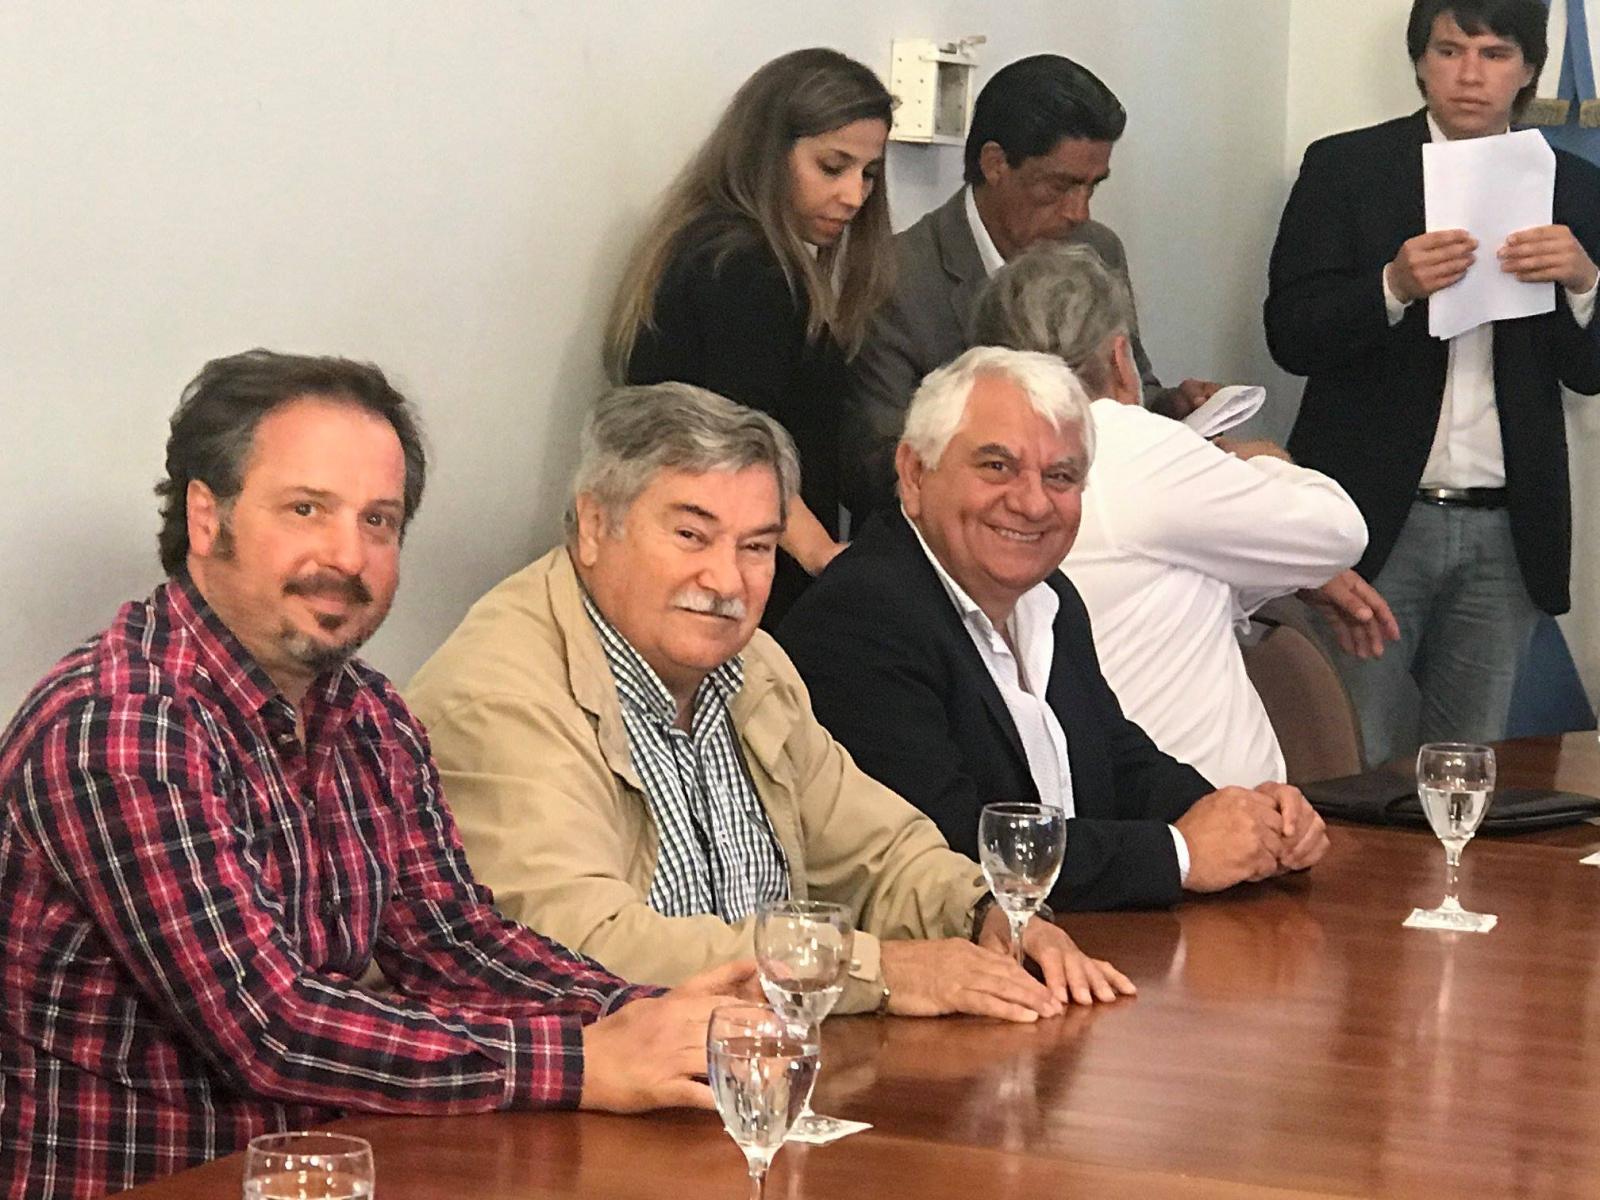 El convenio fue firmado entre el Ministerio de Educación, Cultura, Ciencia y Tecnología de la Nación y CIMA. Tiene como objetivo el desarrollo del Proyecto